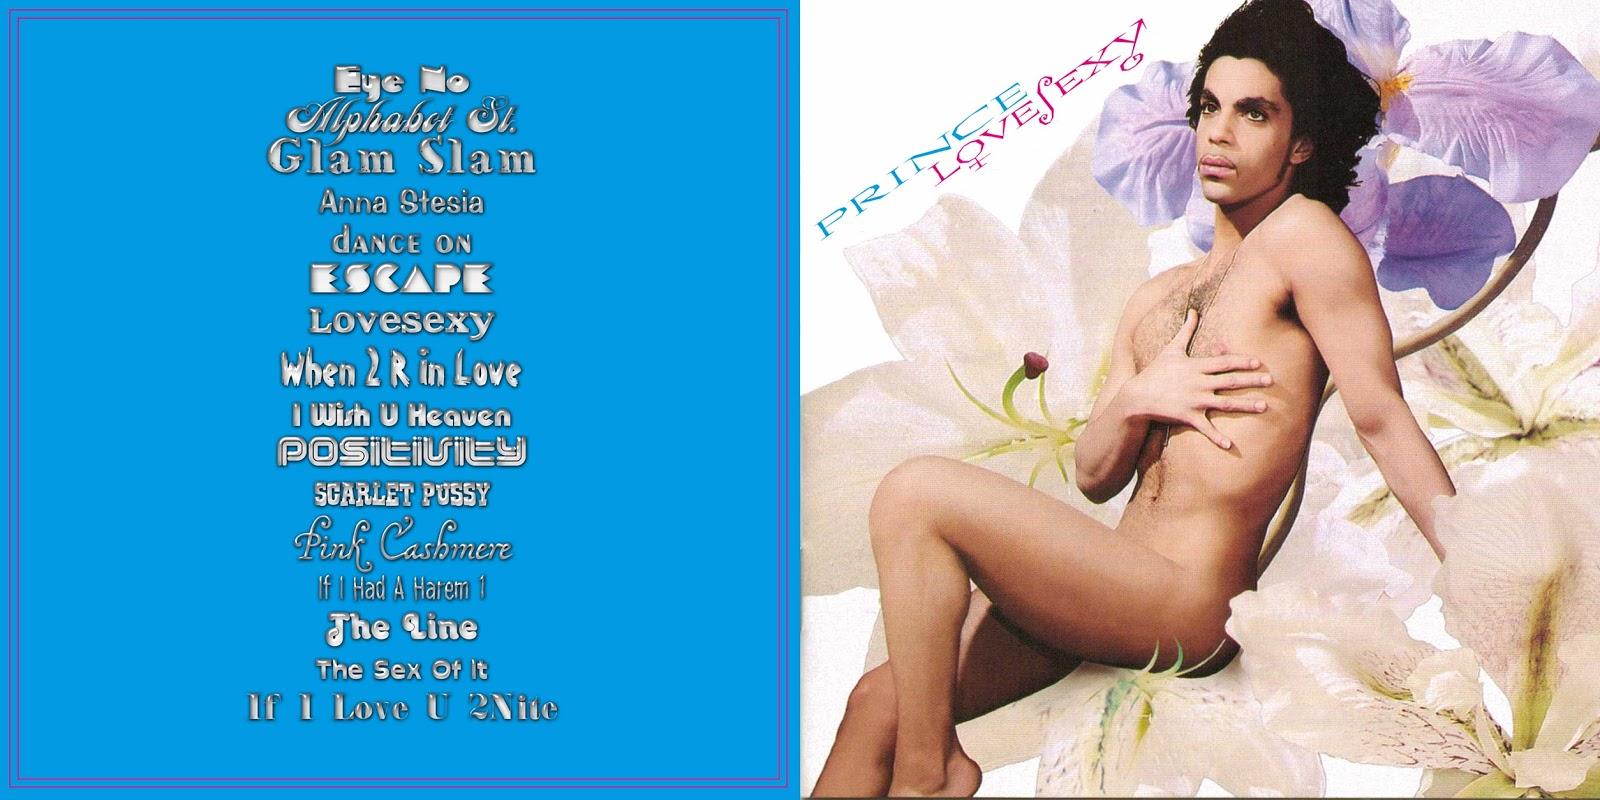 Prince lovesexy cd